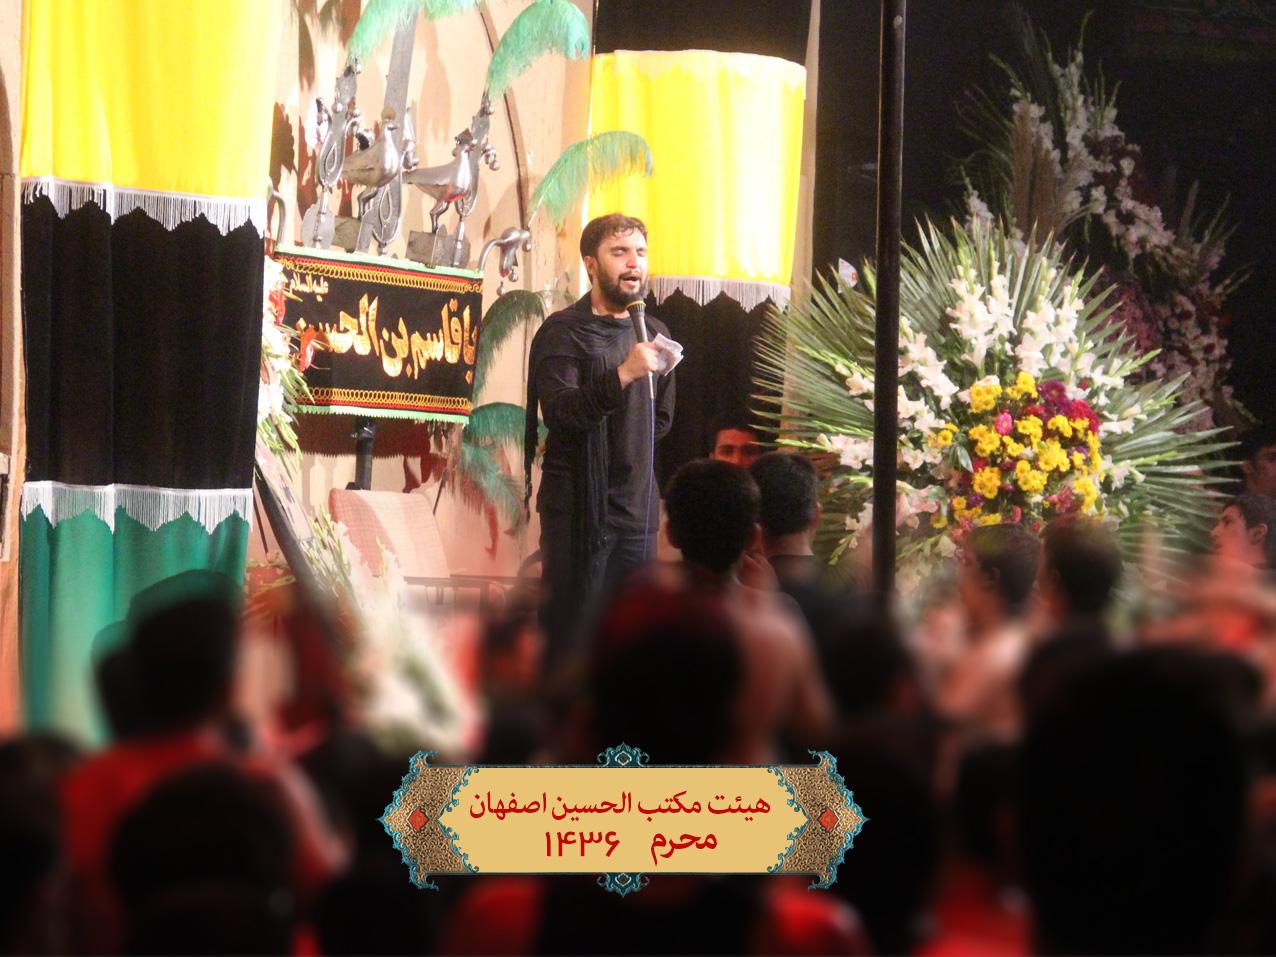 کربلایی حمید علیمی شب اول محرم تا شب تاسوعا 93